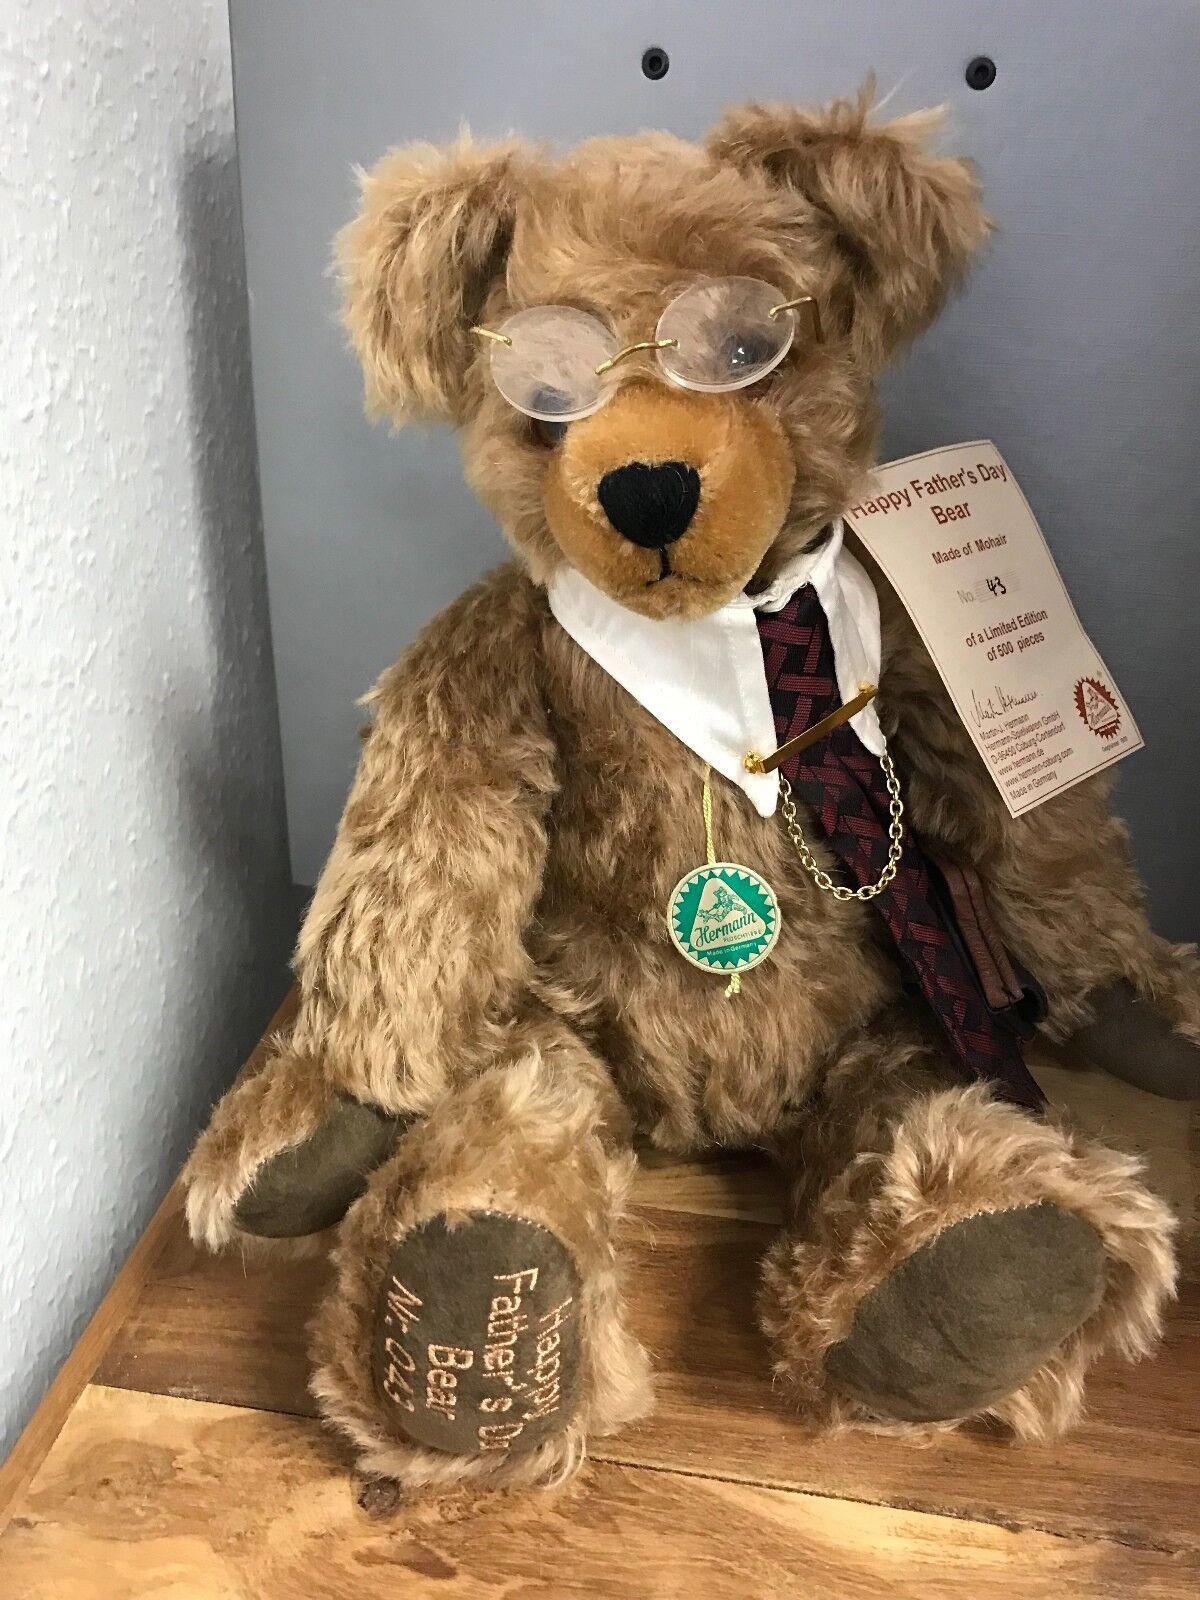 Heruomon Teddy happy fathers's Day orso 38 cm. cm. cm. disponibilità limitata. MATTONCINI. e2d9d4